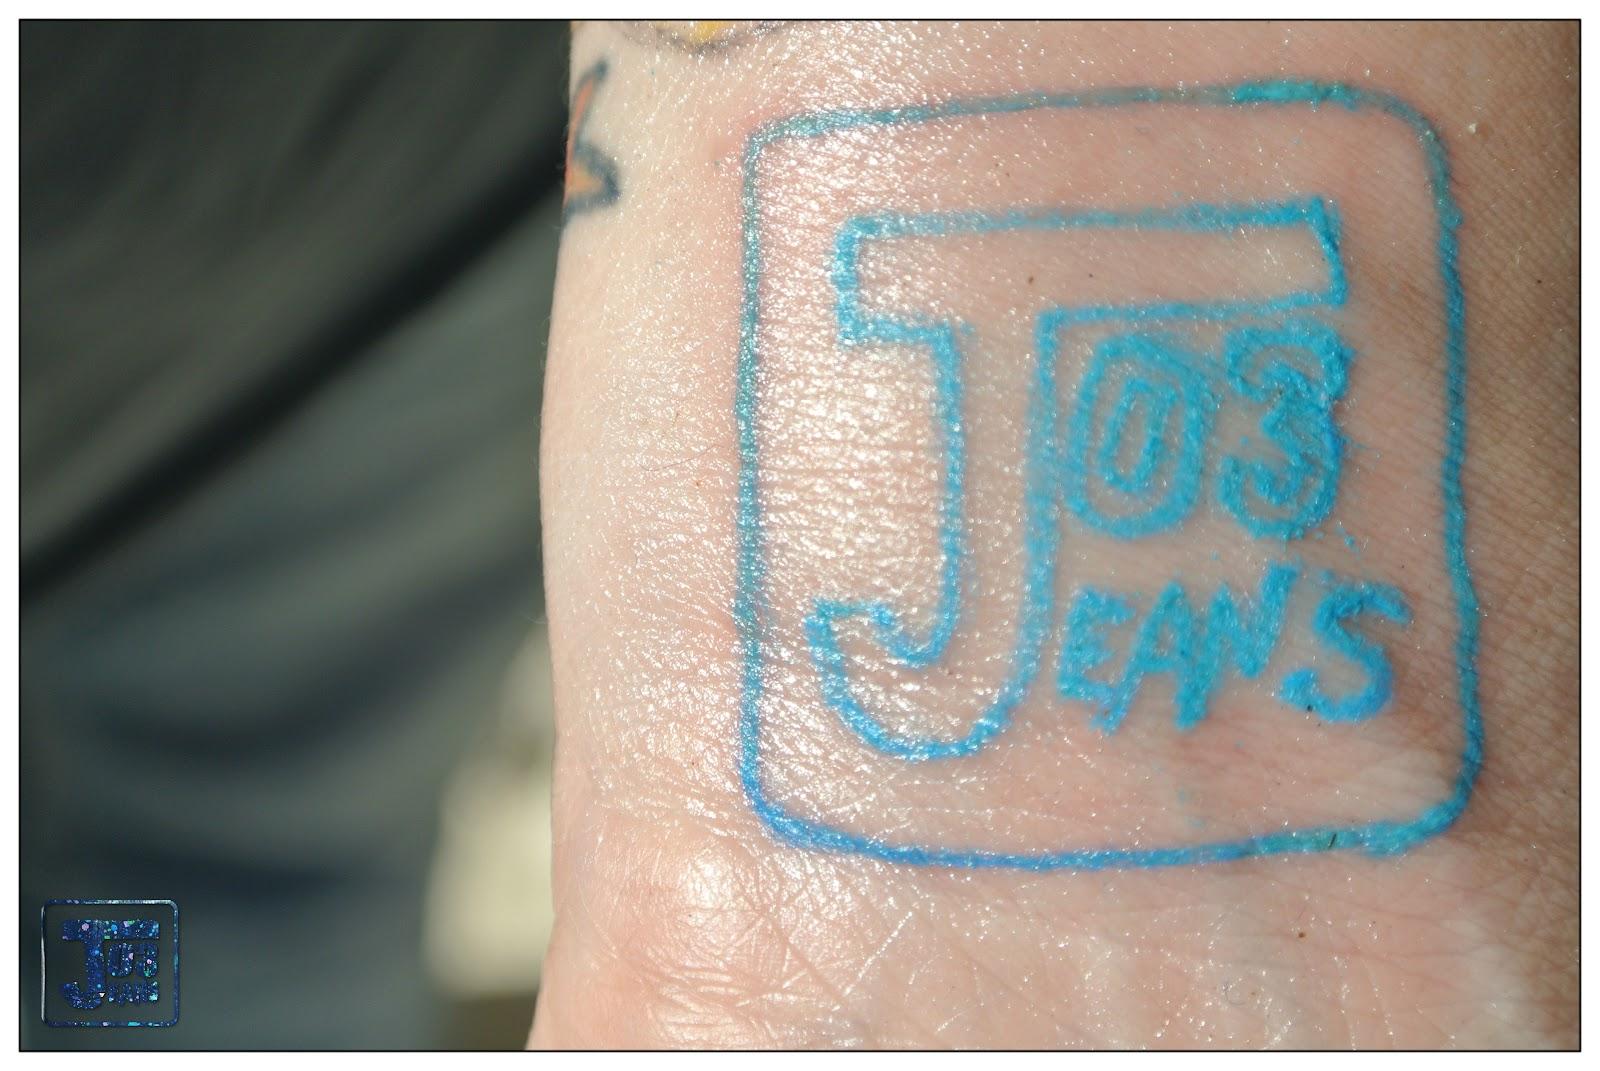 Bientôt une crème qui fait disparaître le tatouage ? Pas si sûr